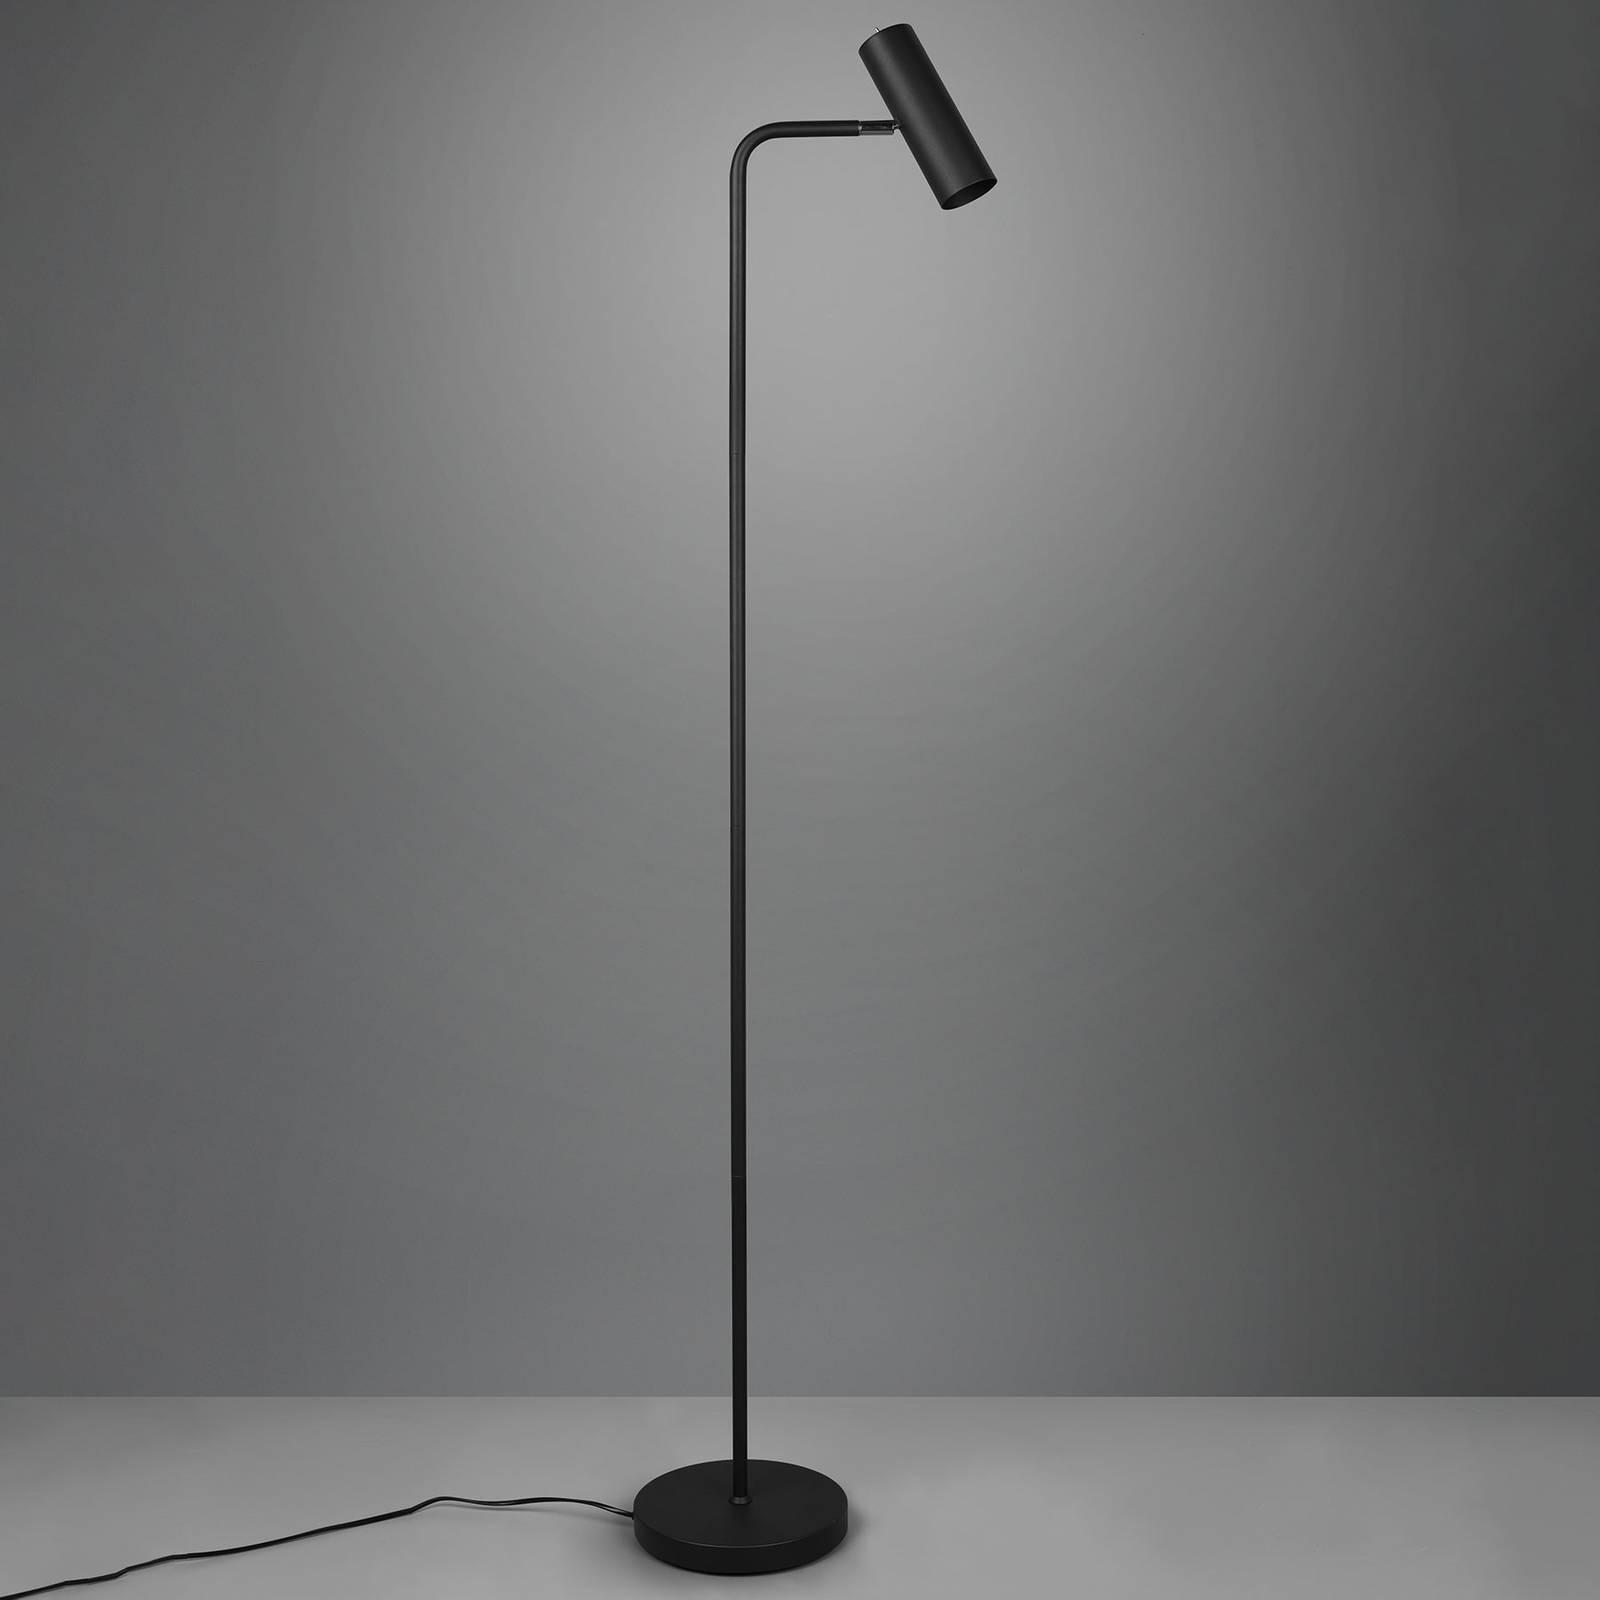 Vloerlamp Marley, mat zwart